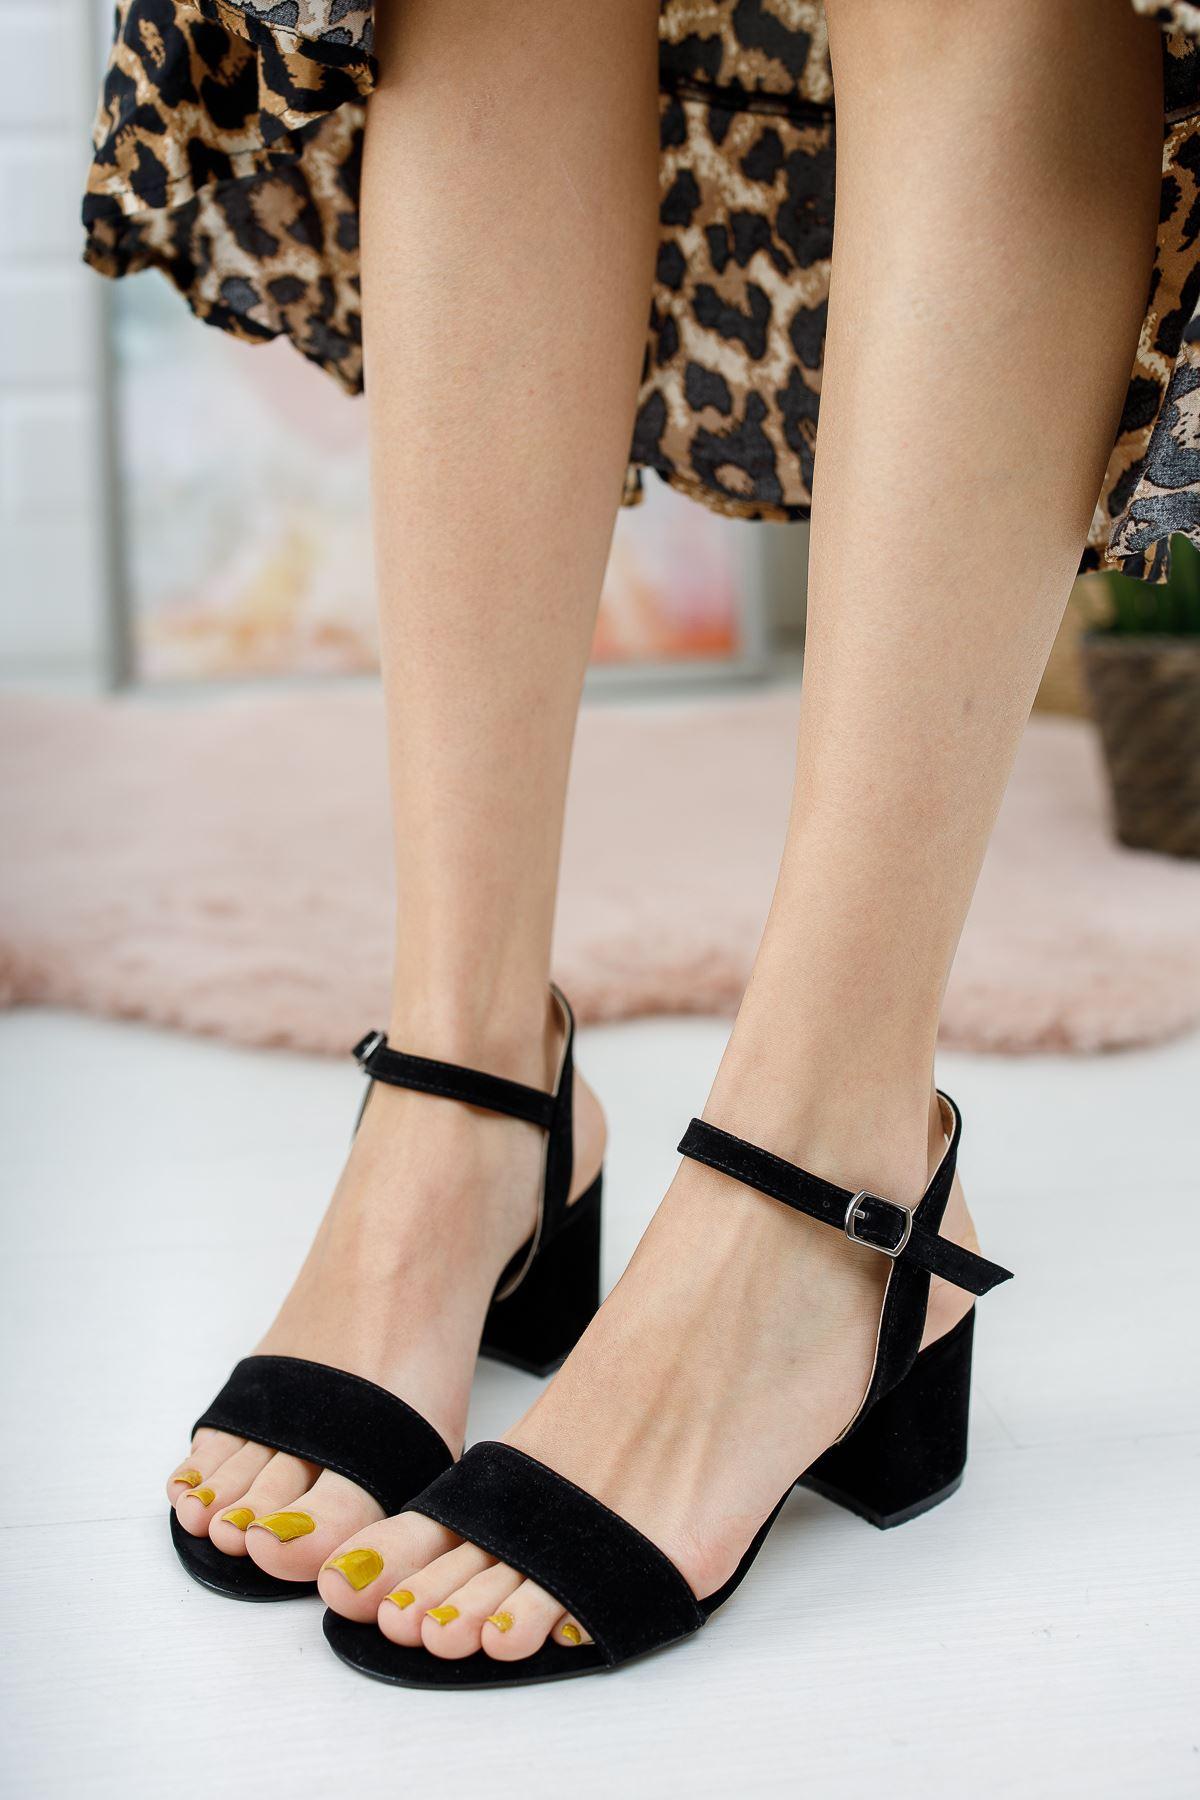 Kadın Lines Kısa Topuklu Kemerli Siyah Süet Ayakkabı